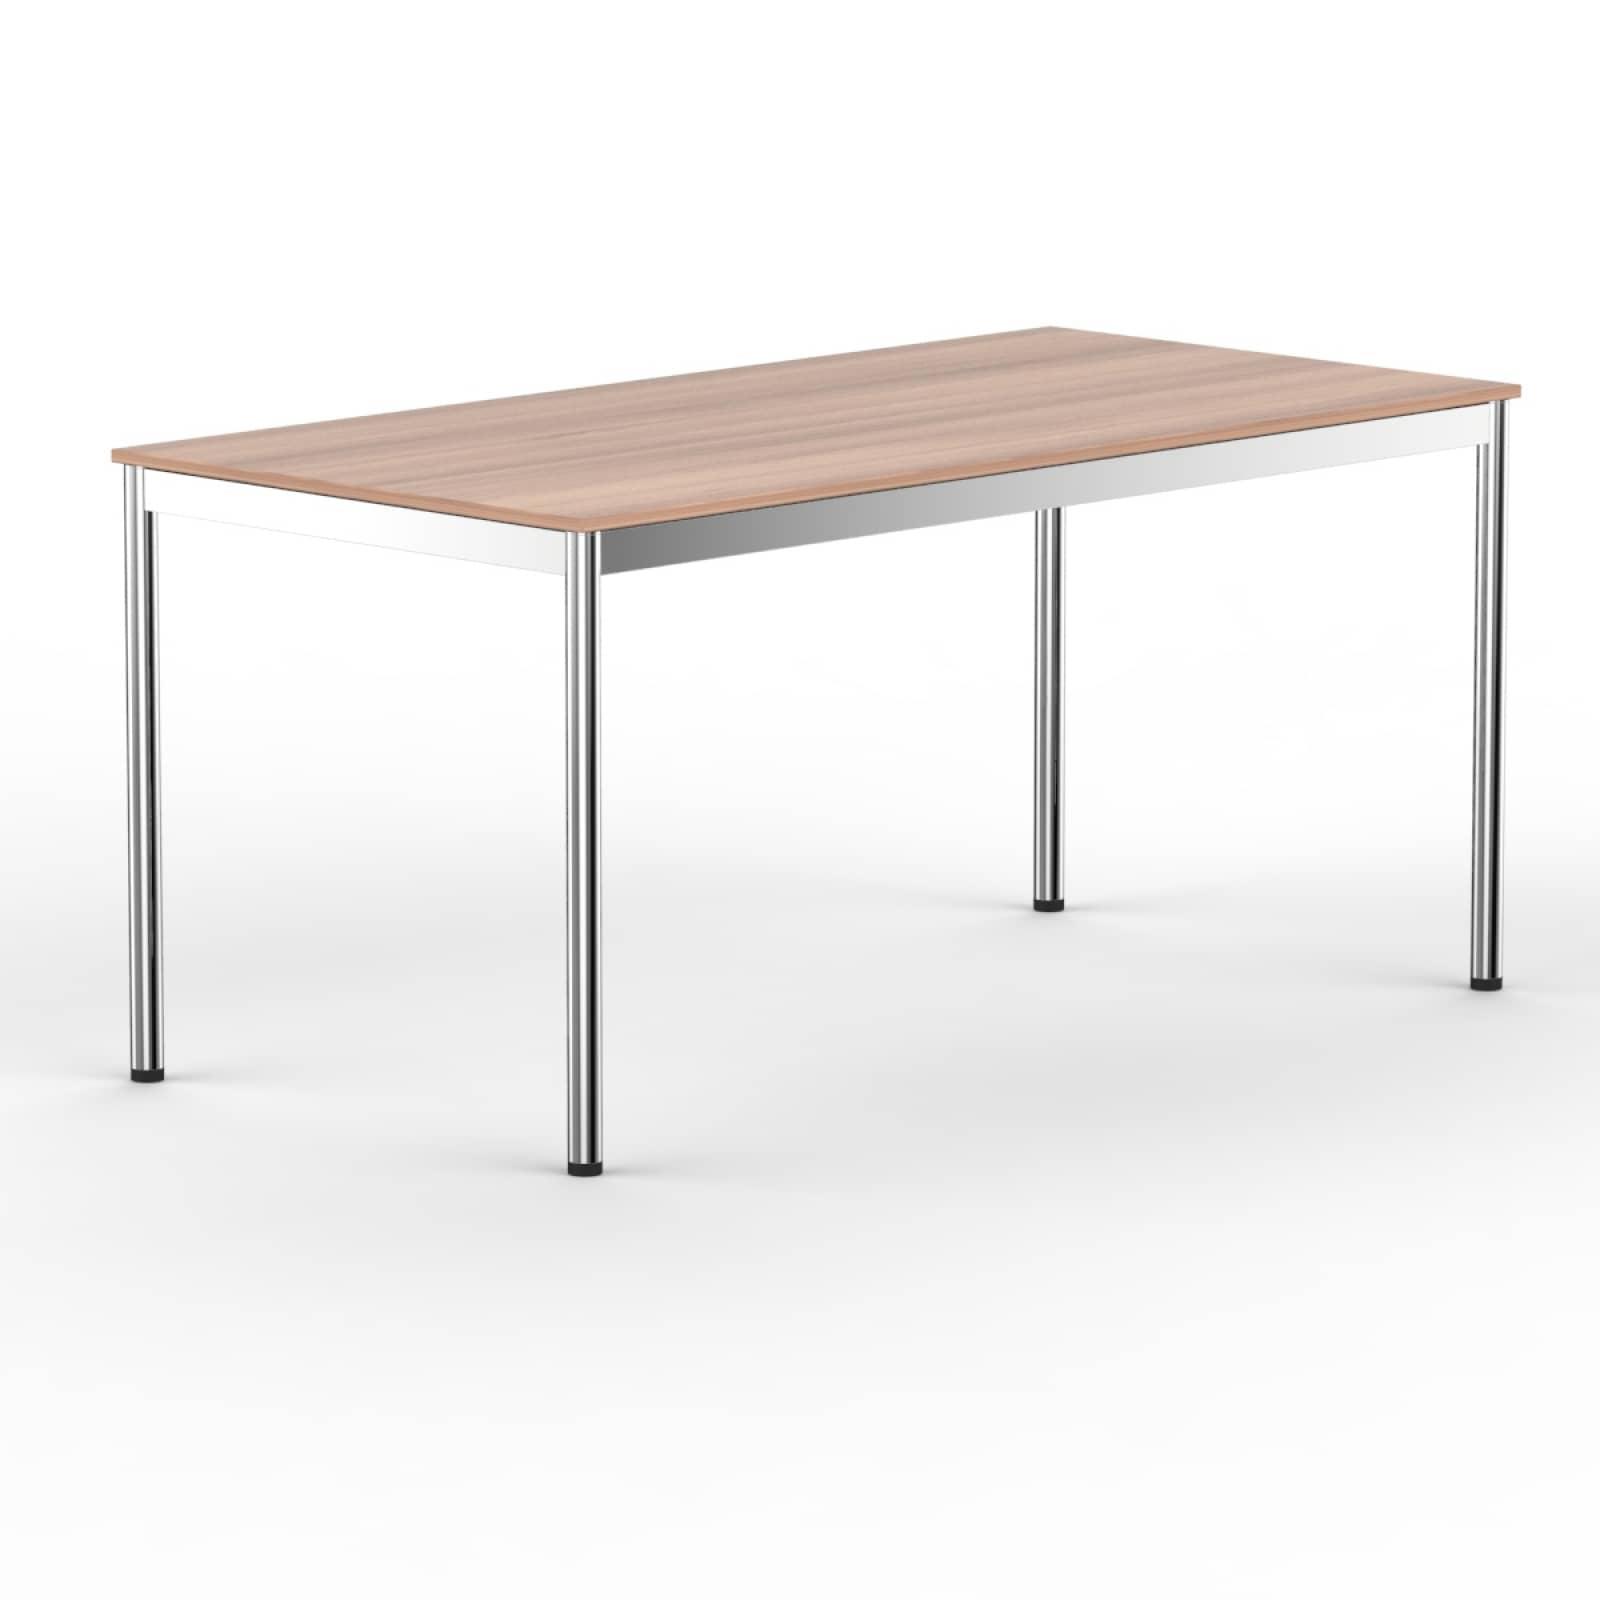 Schreibtisch konferenztisch 140x100cm kirschb versee for Schreibtisch 140